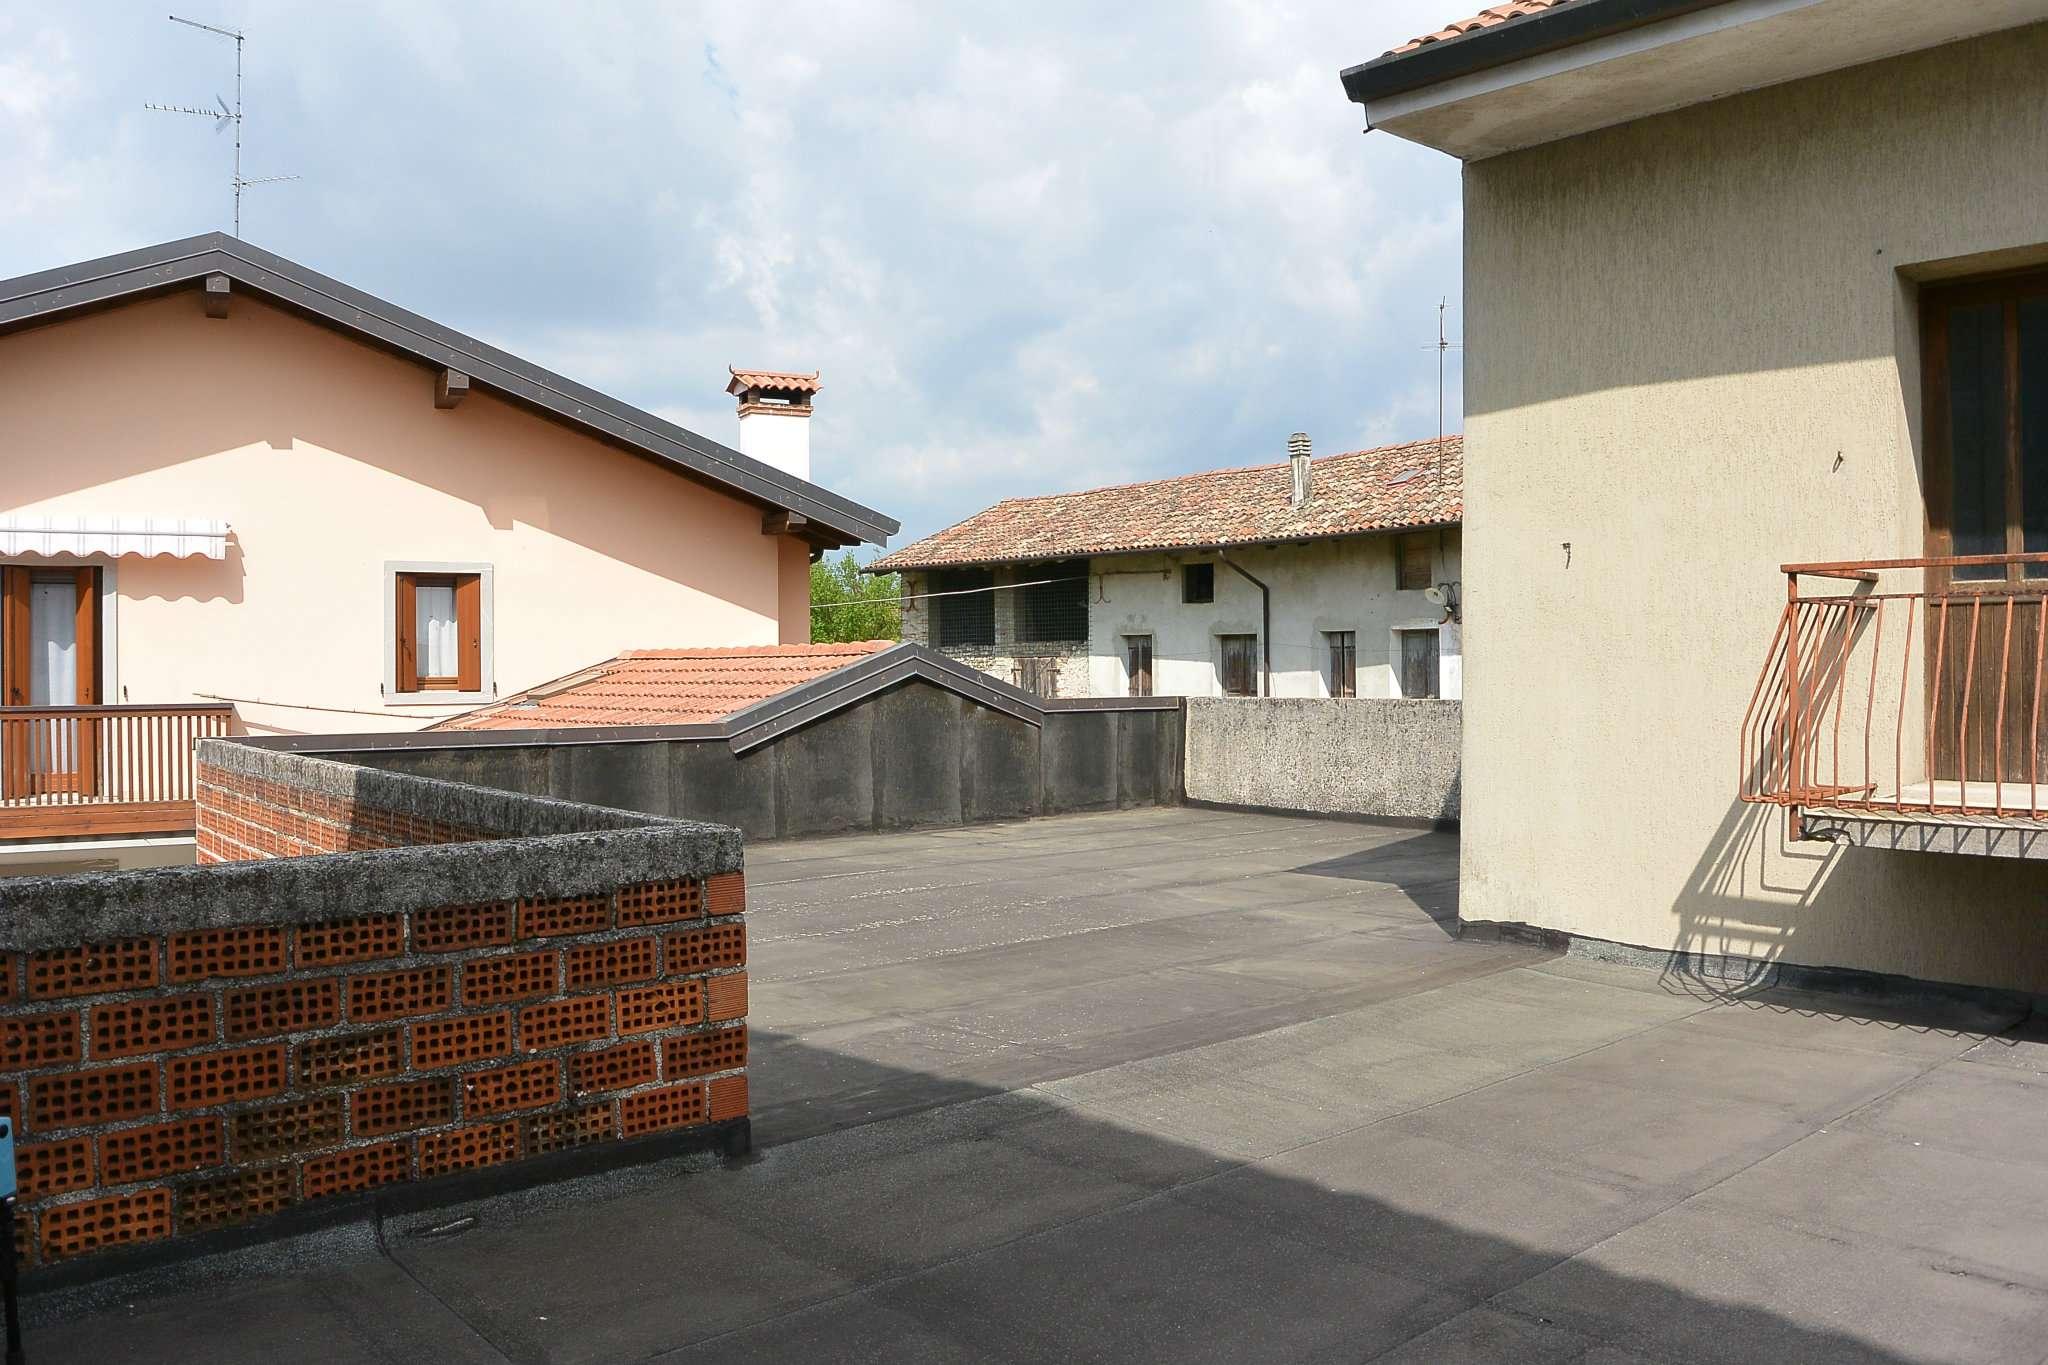 Rustico / Casale in vendita a Remanzacco, 20 locali, prezzo € 150.000 | Cambio Casa.it